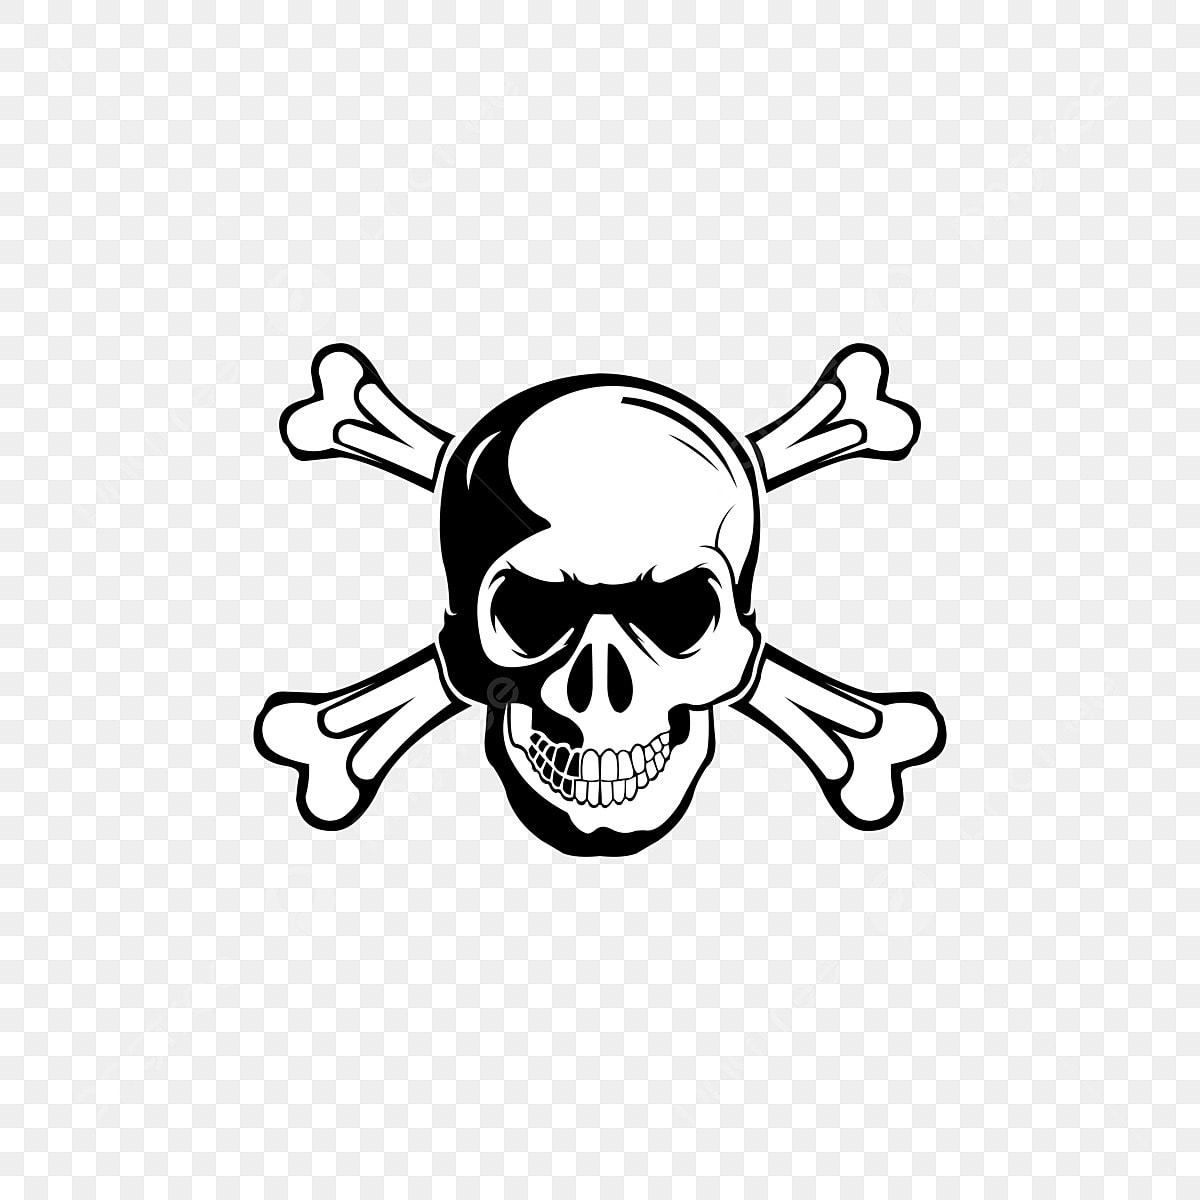 Immagini Di Teschio Pirati teschio croce osso vettore pirata icona logo fantasma di